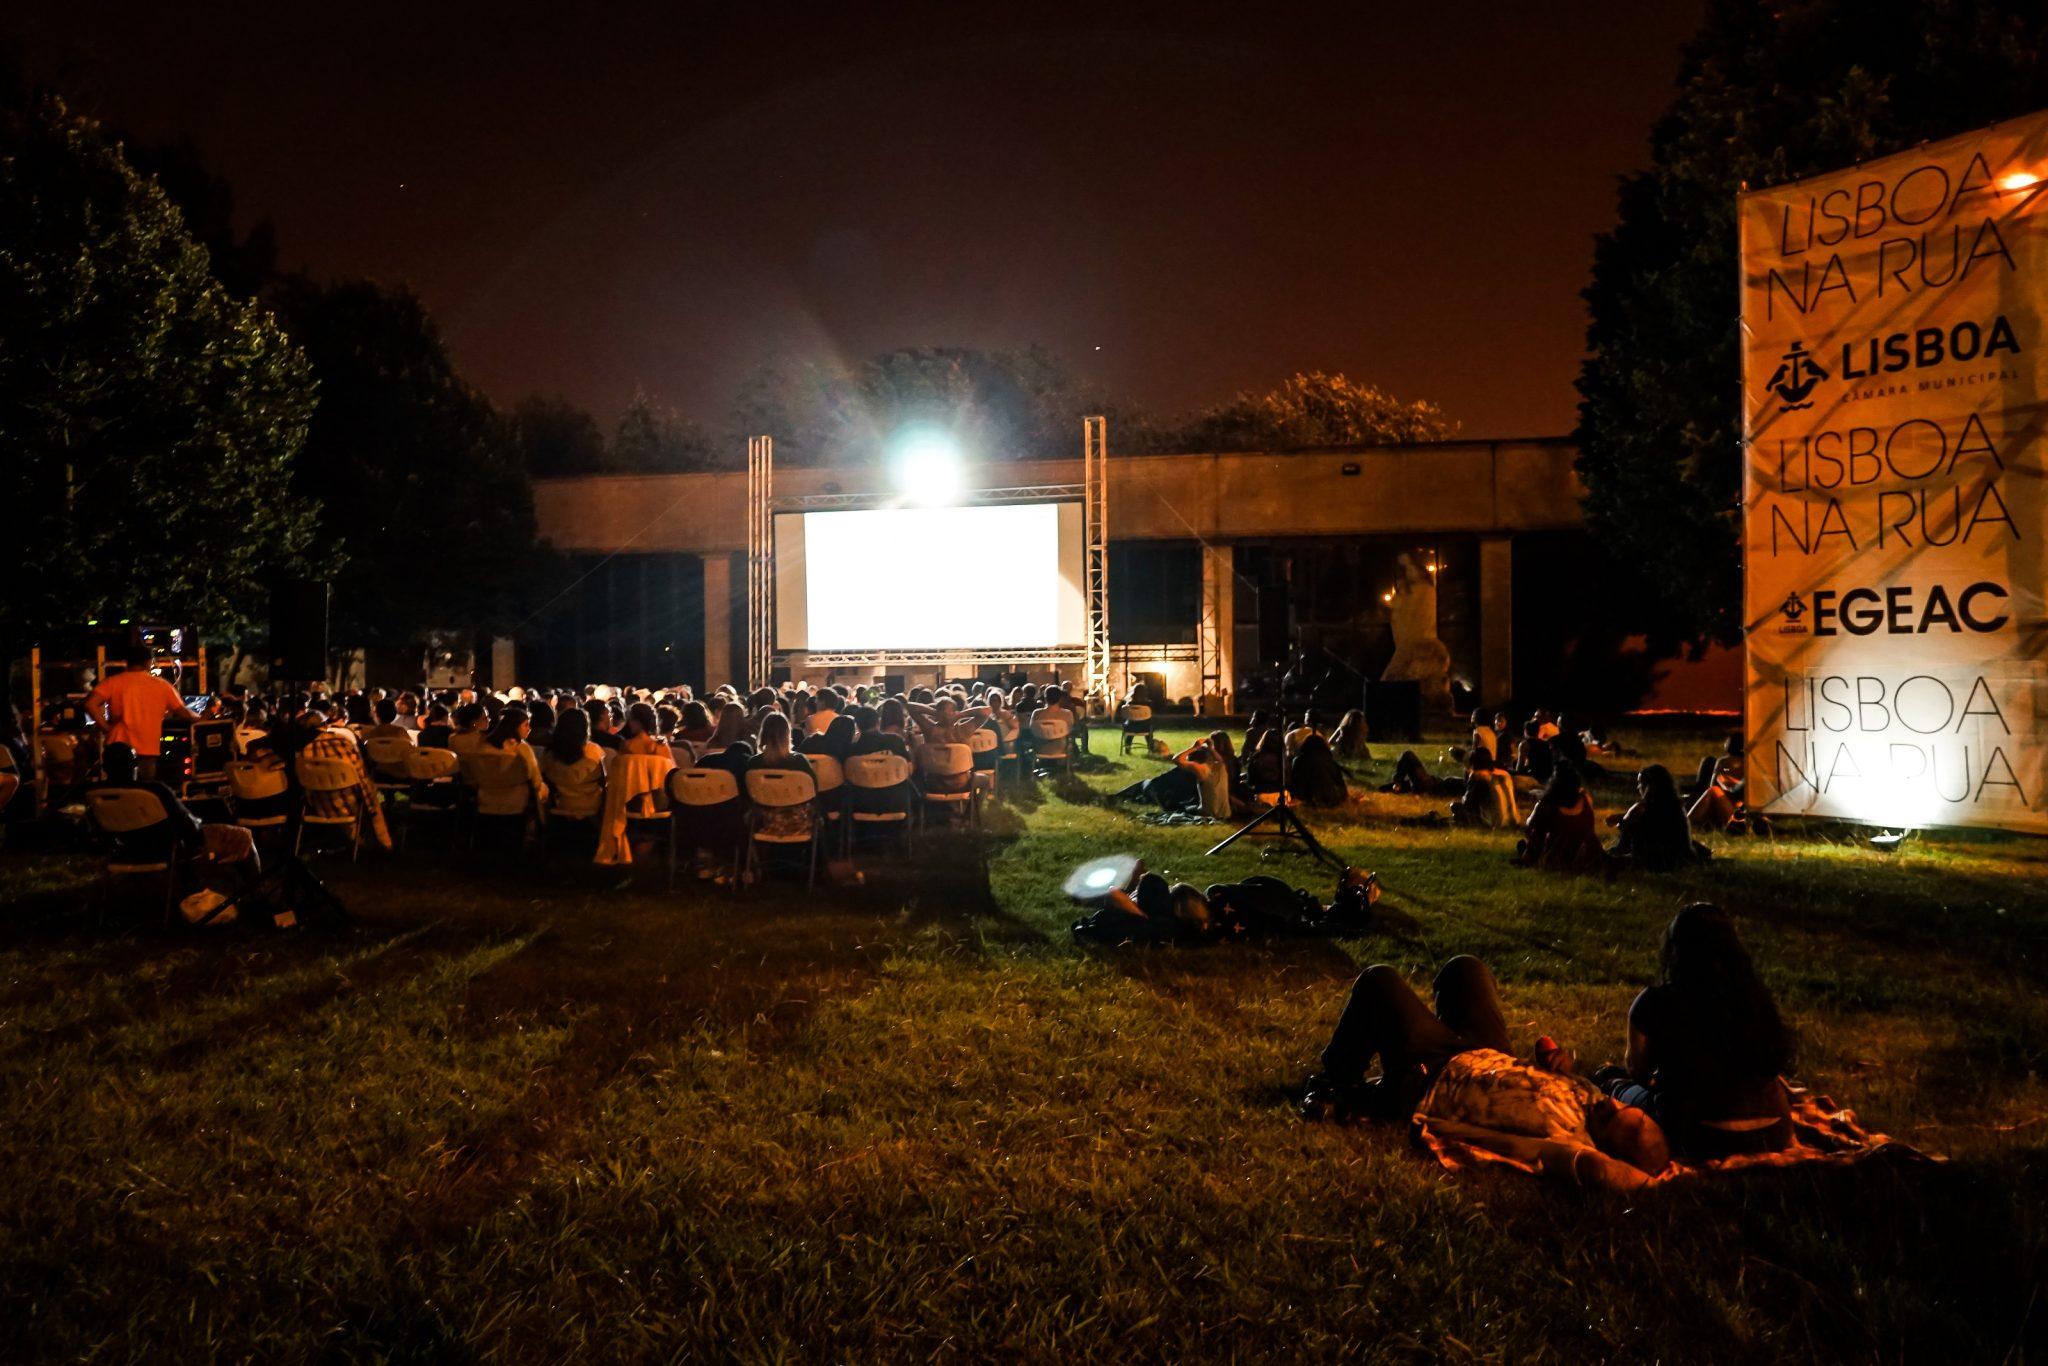 Pessoas sentadas em cadeiras e no chão, na relva, de costas para o observador, virados para uma tela de cinema no jardim do Palácio Pimenta.